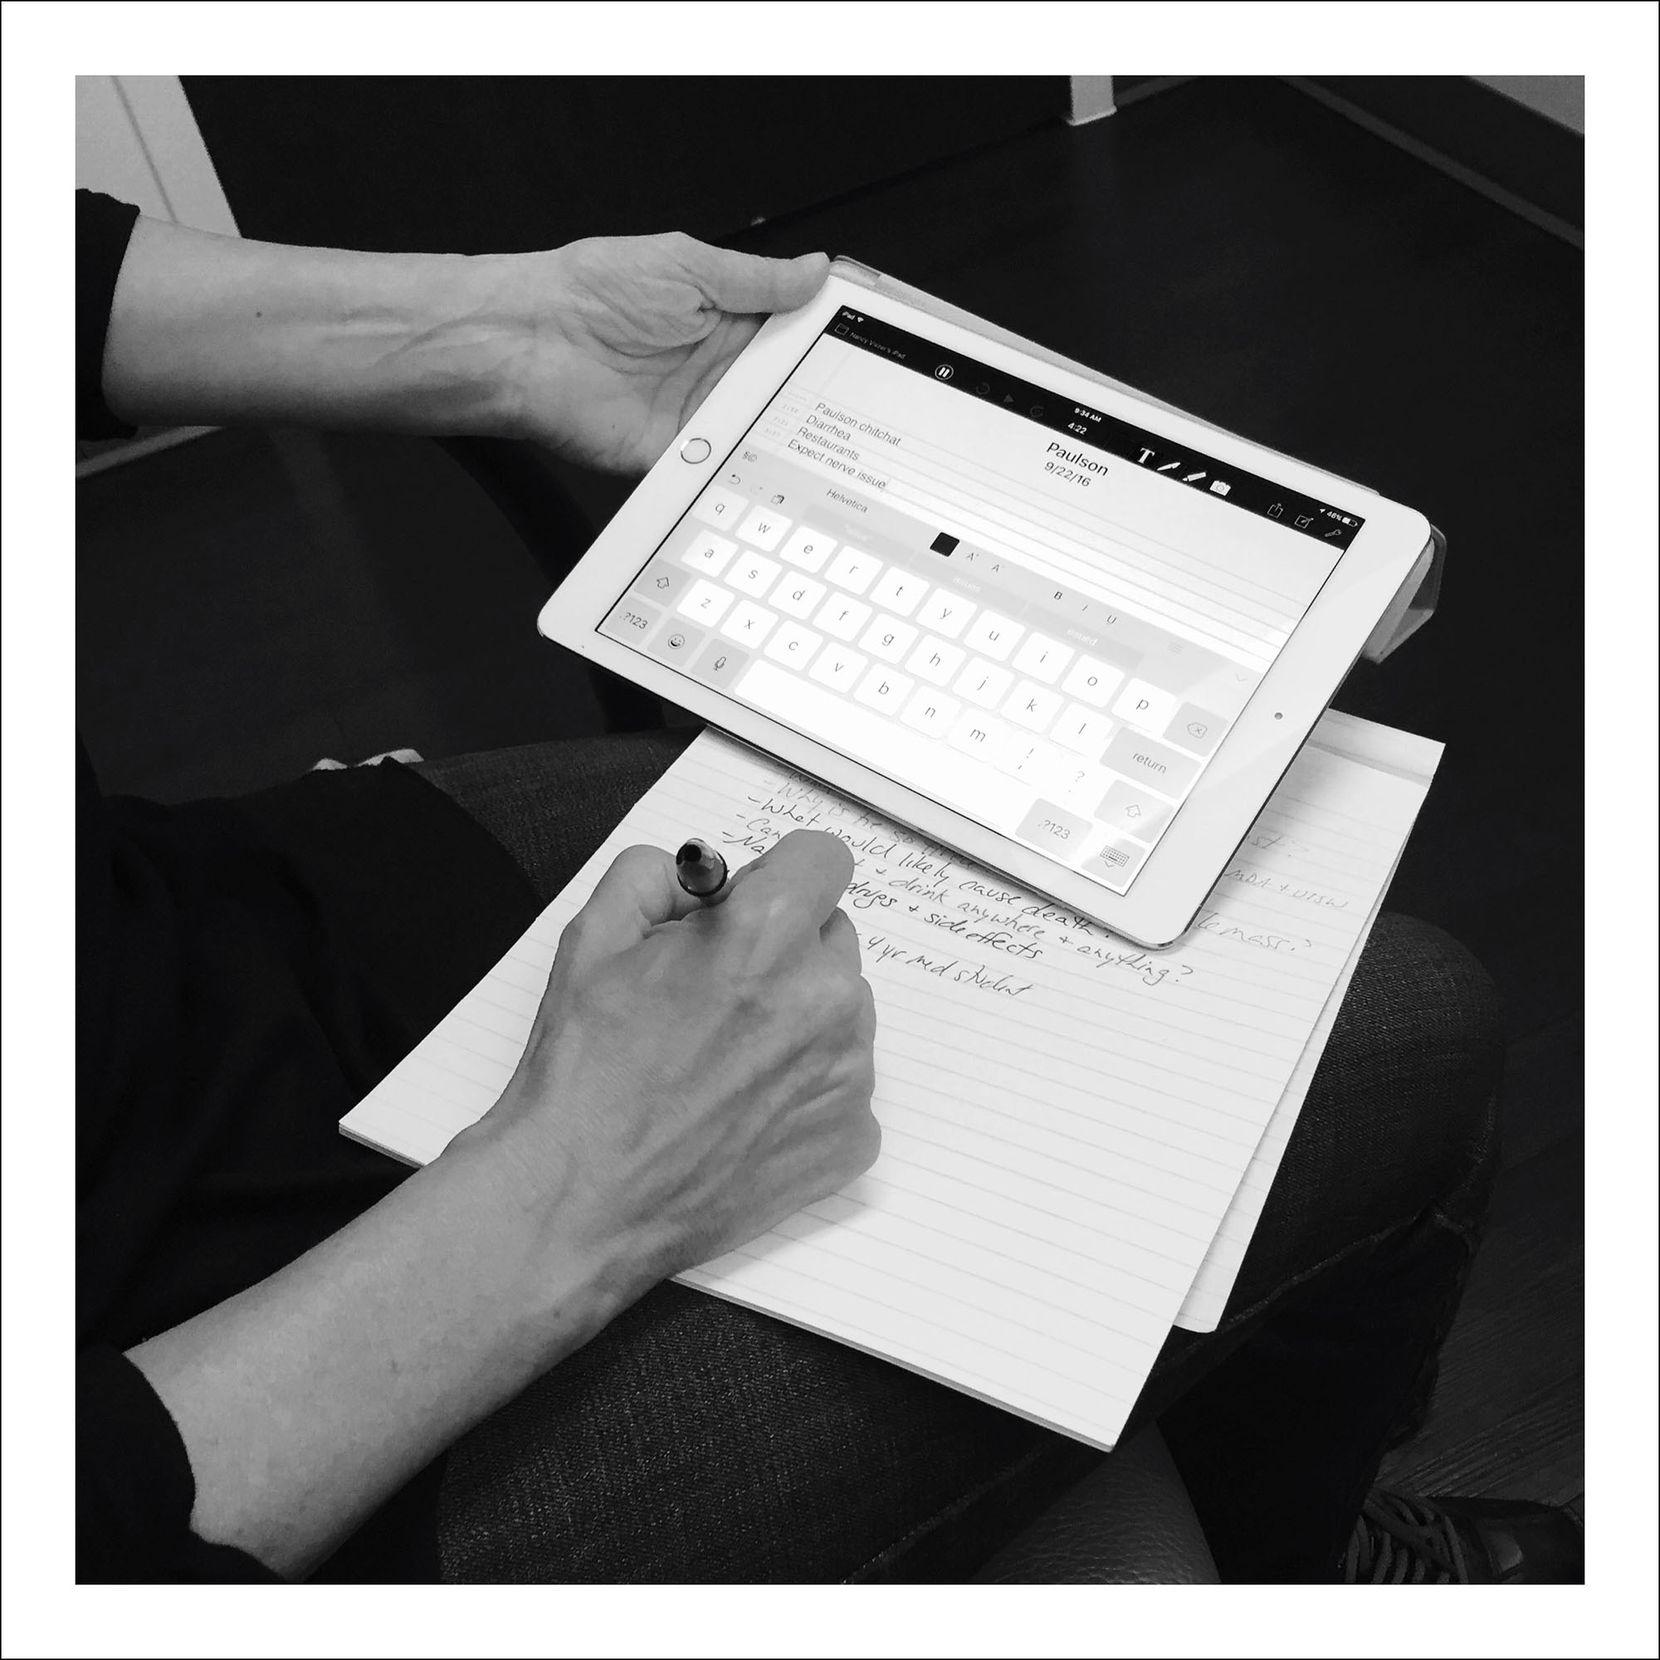 9/22/16 — [My wife] Nancy [Visser] the notetaker.